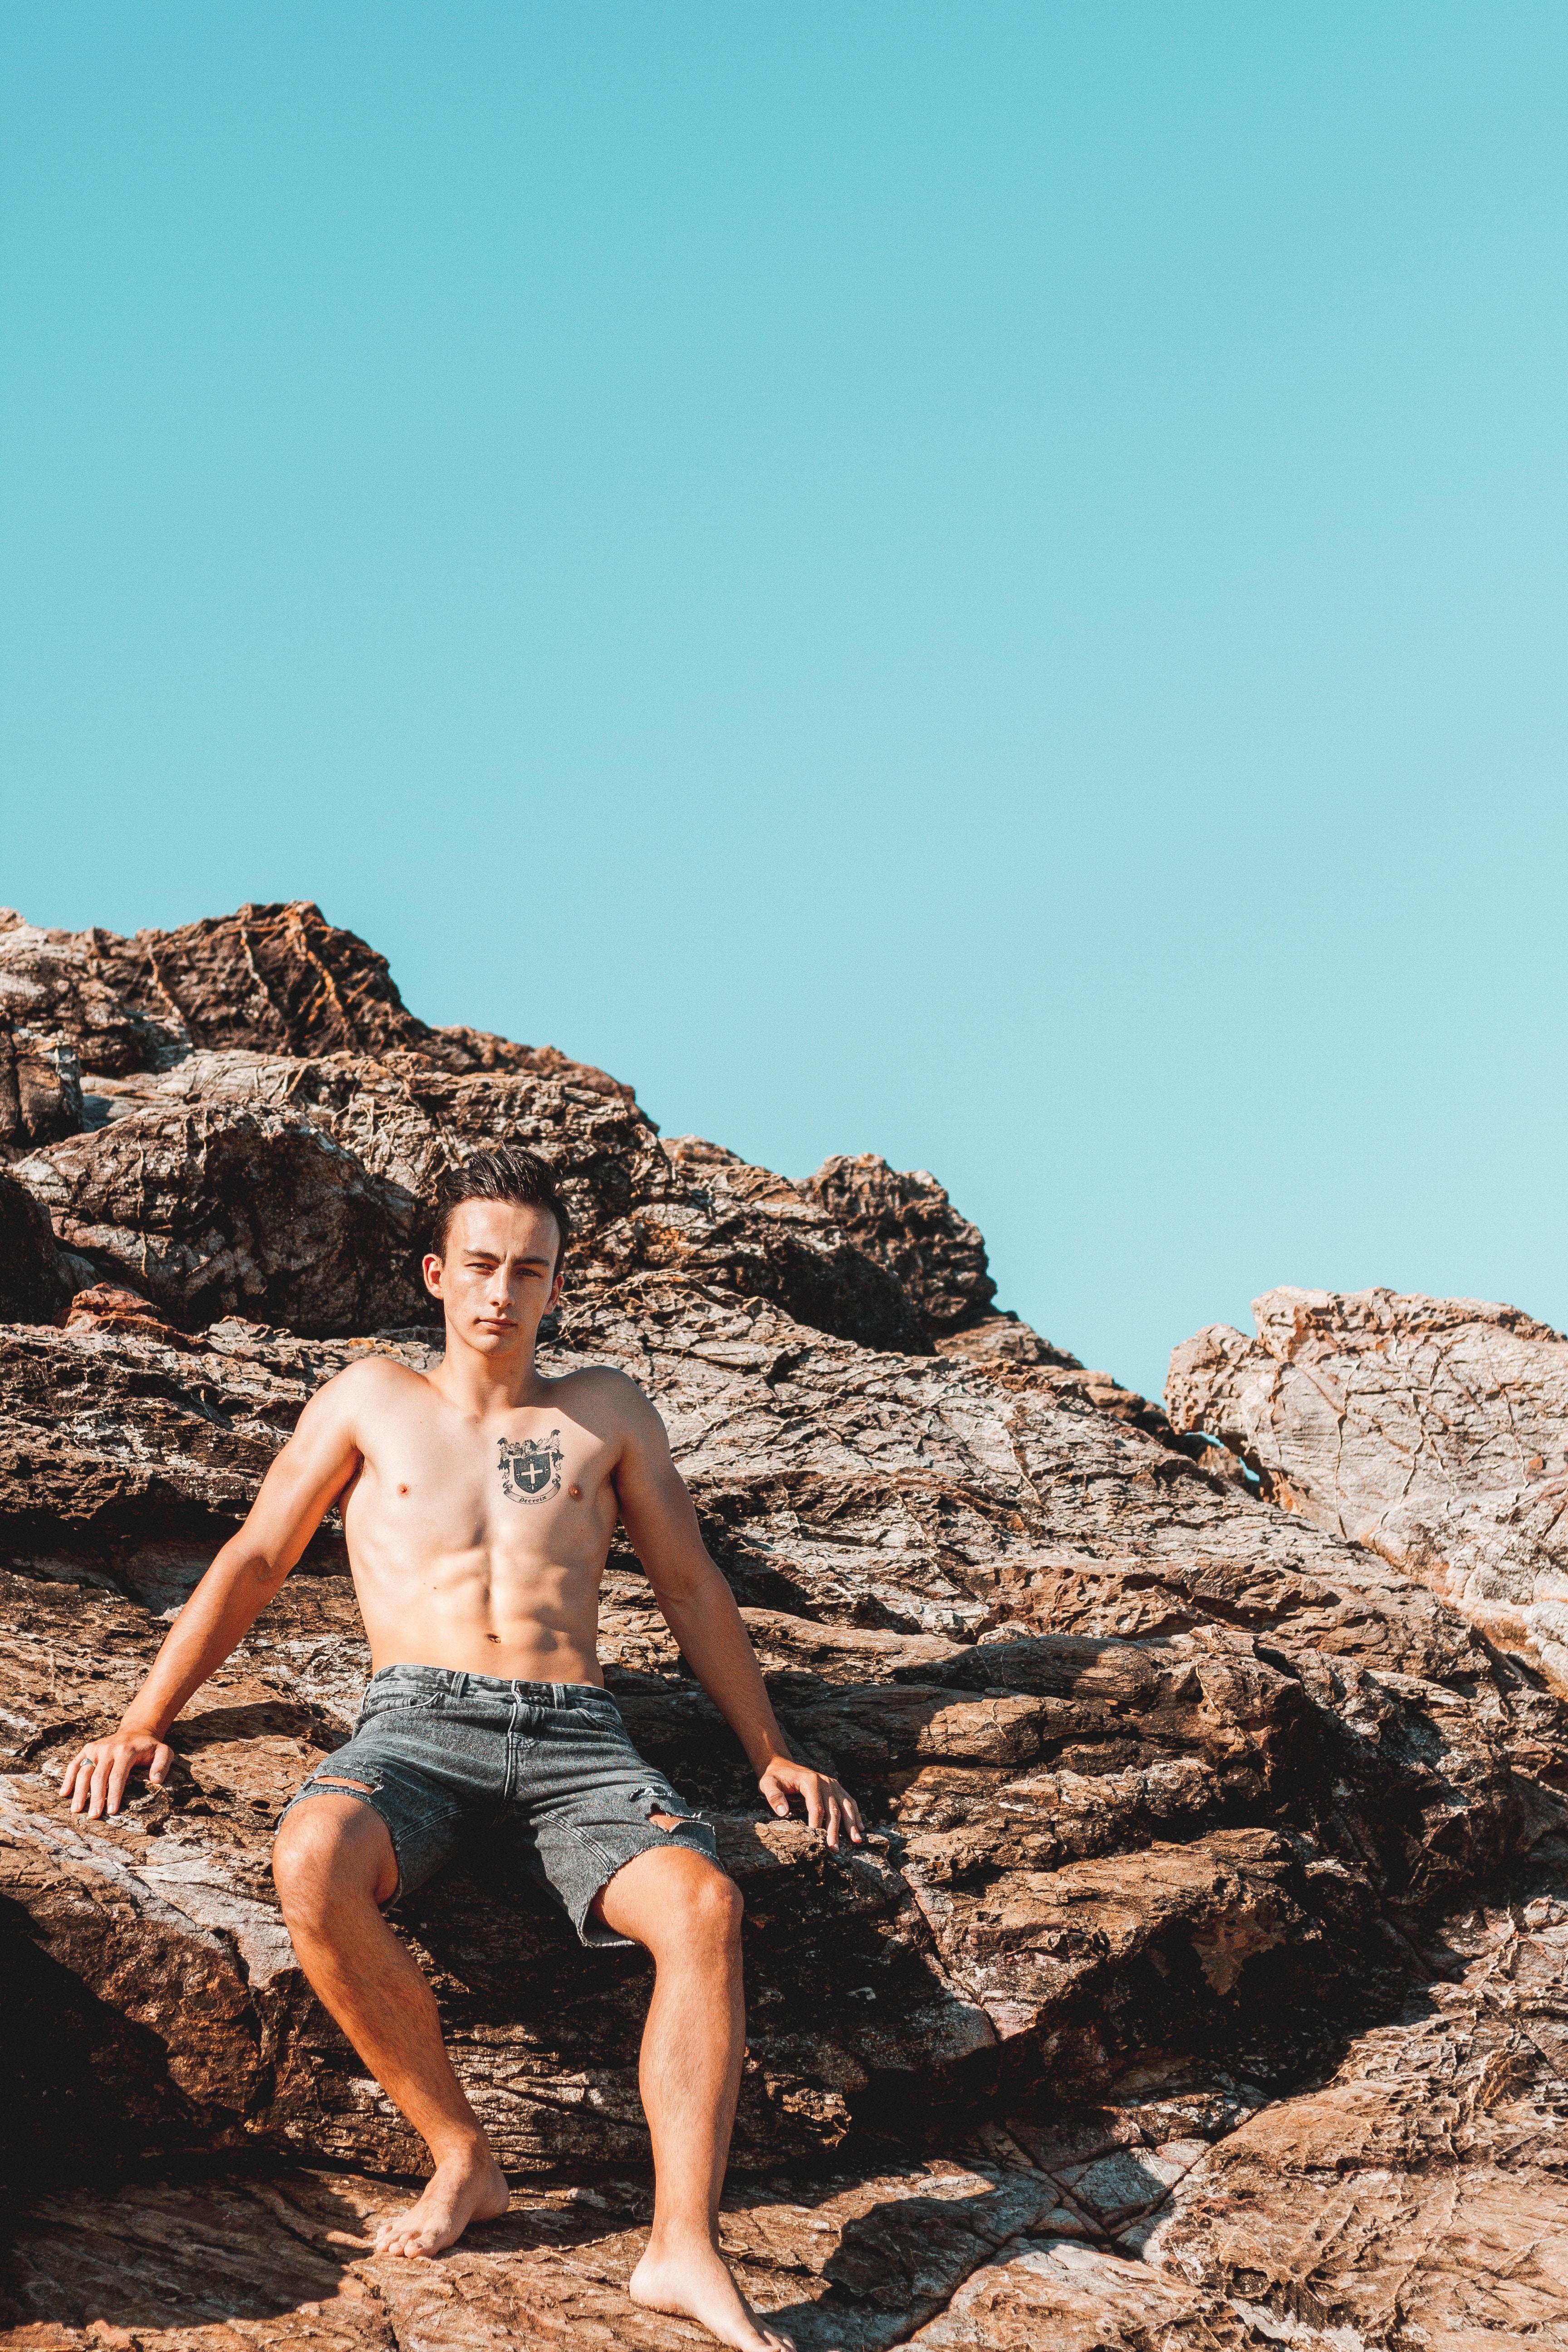 man sitting on rock fragment during daytime